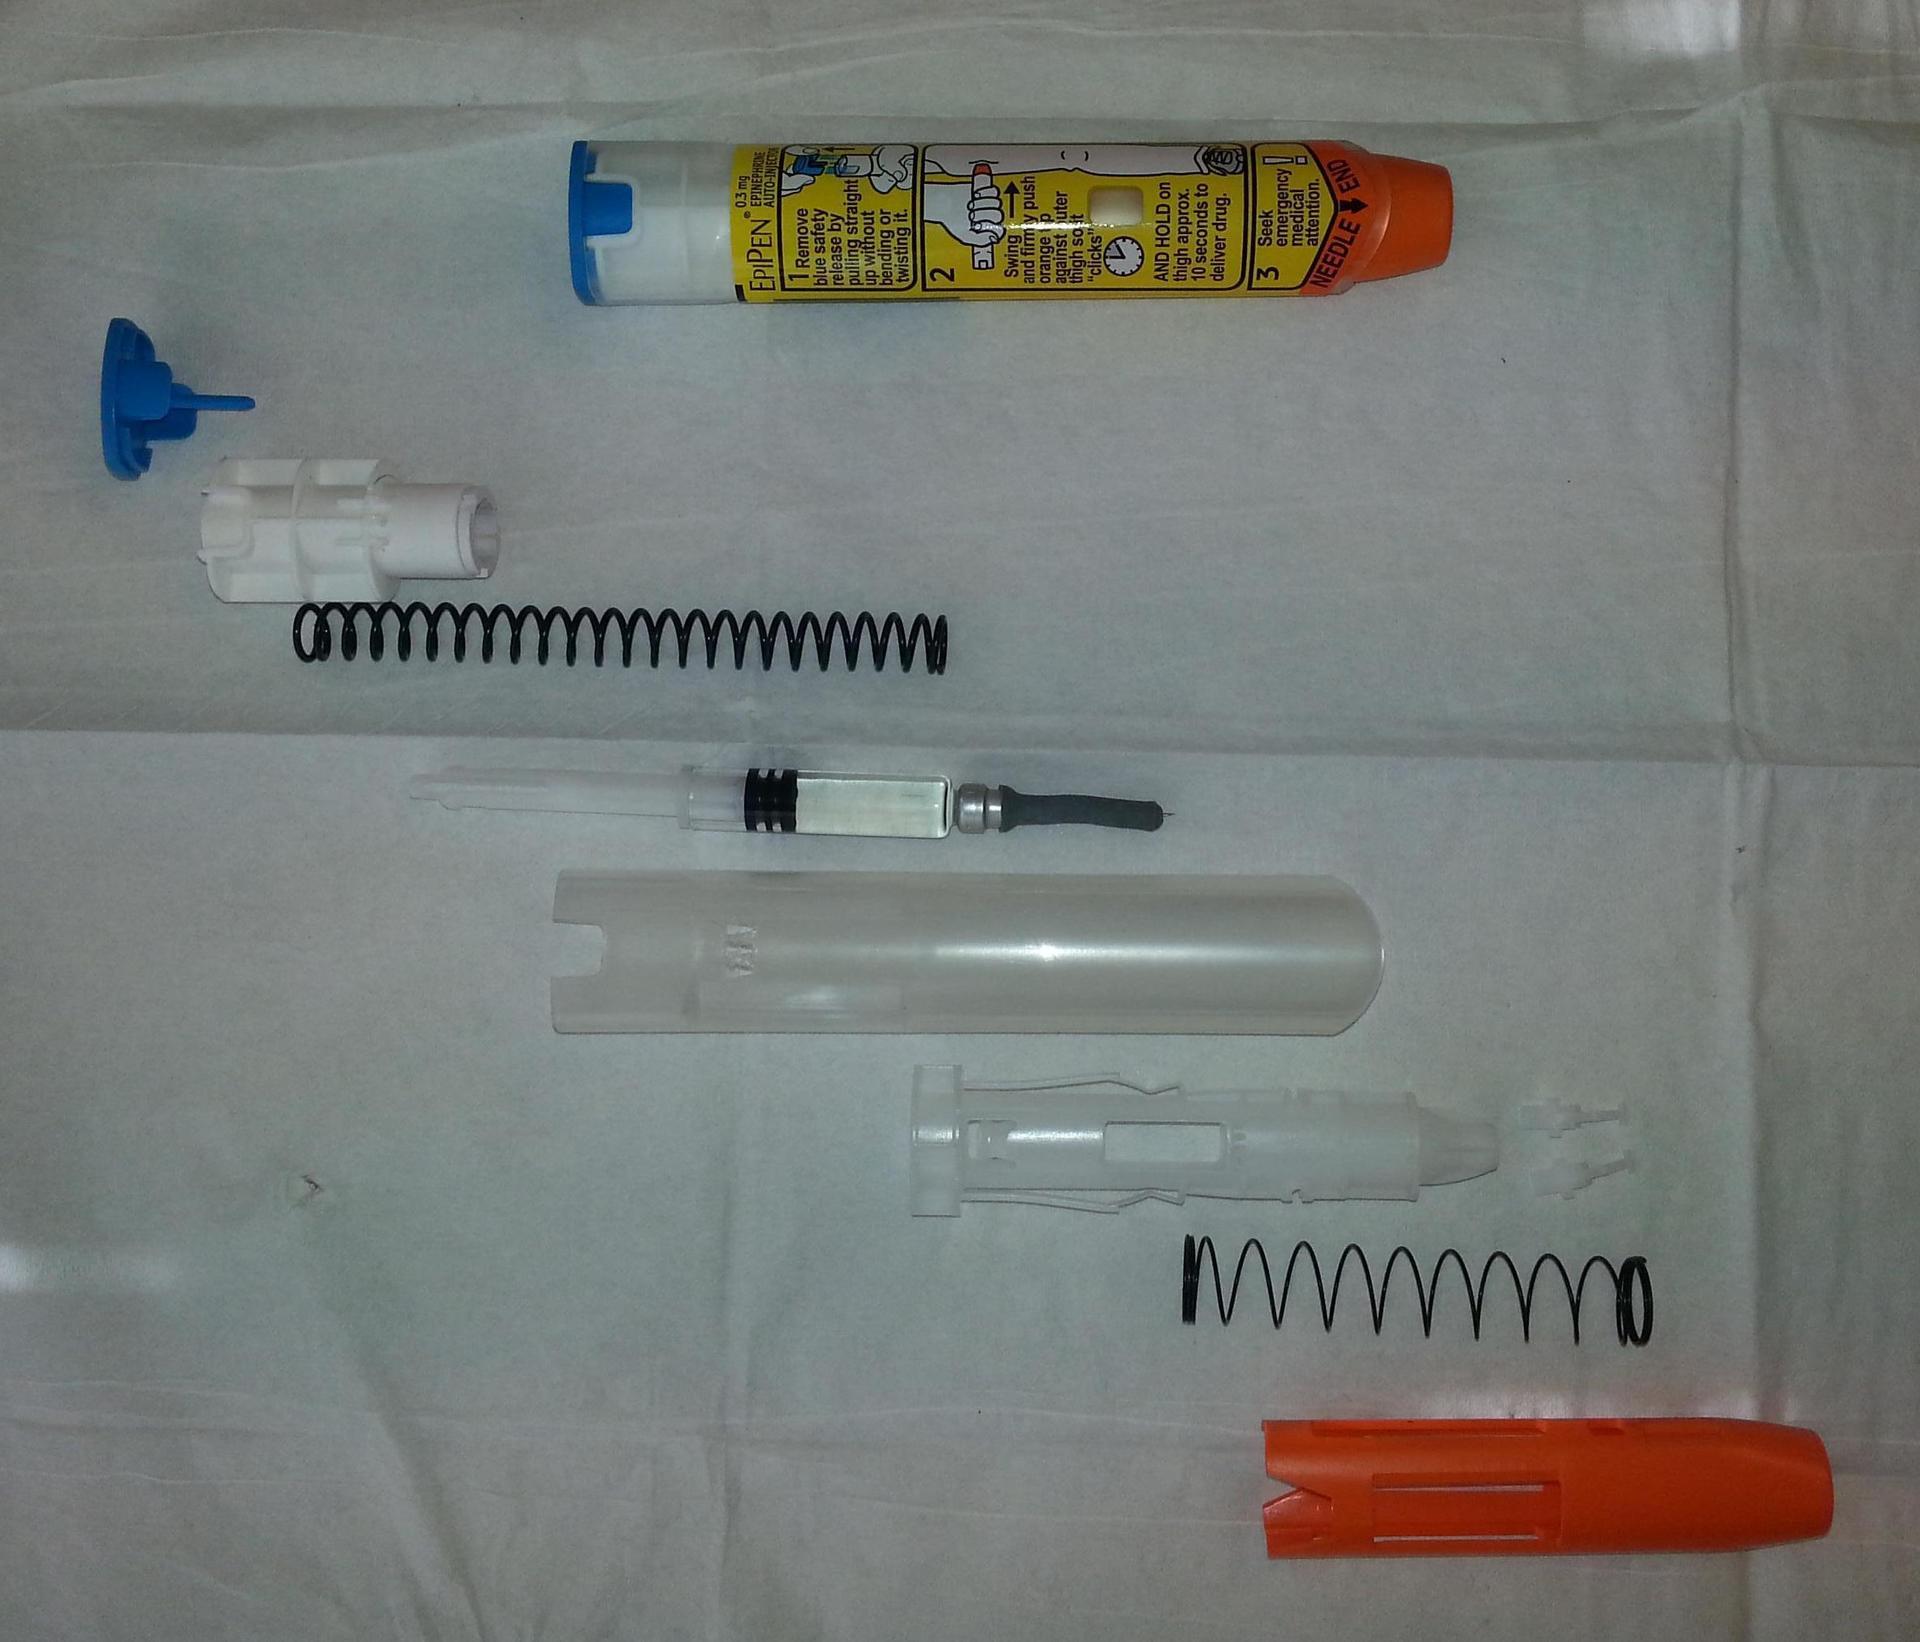 DIY-энтузиасты собрали автоинъектор, аналог EpiPen, за $28,50 - 3